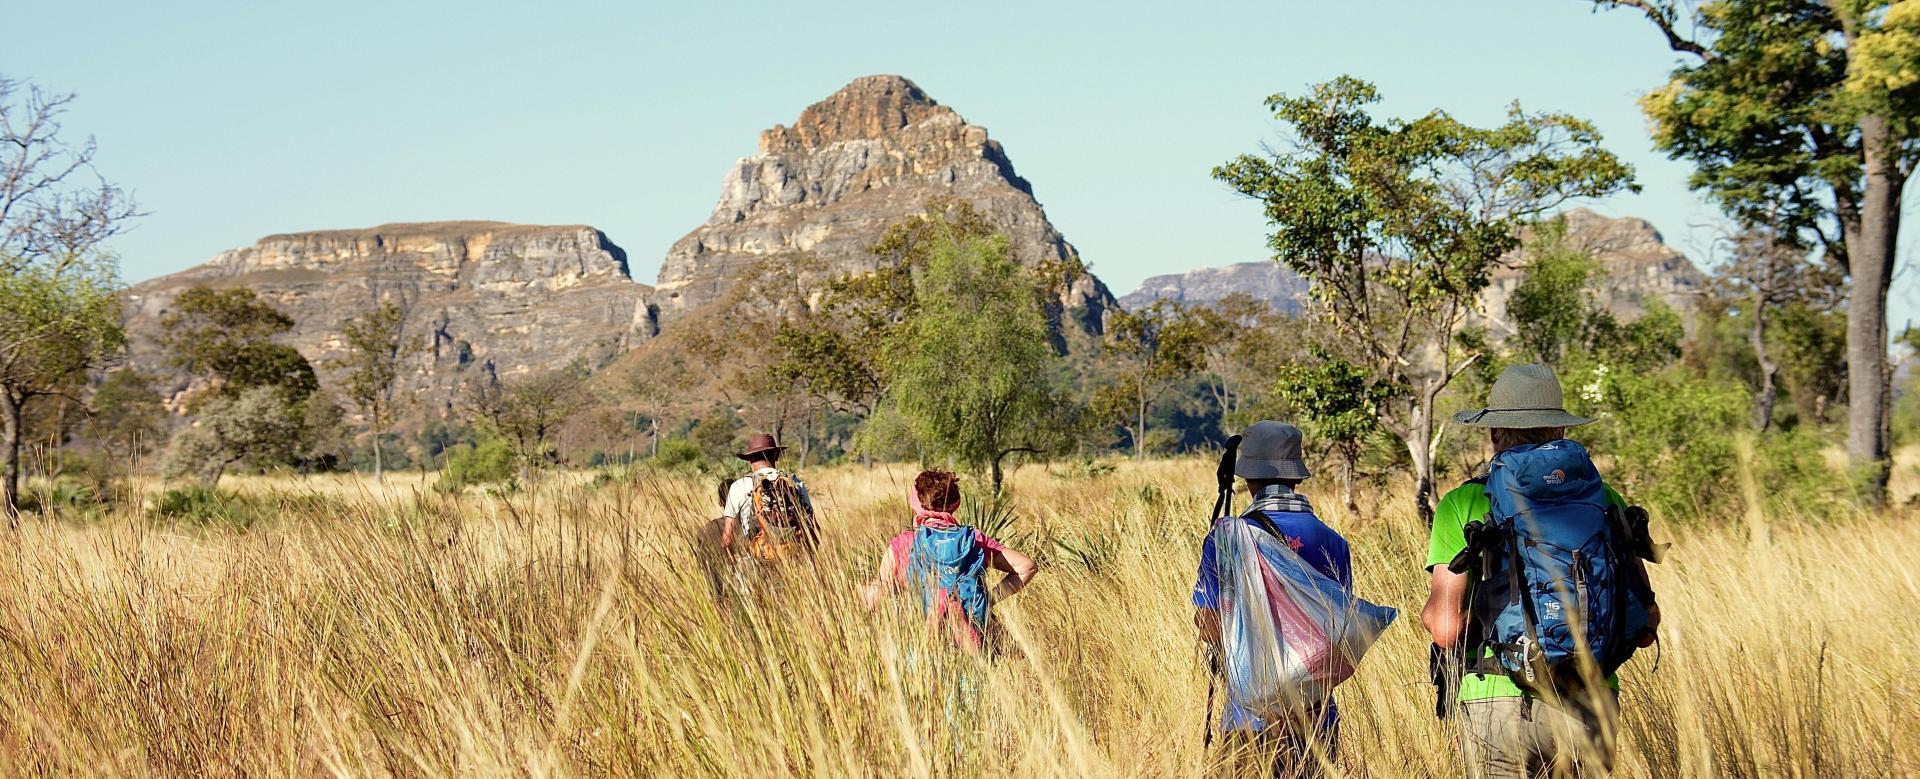 Voyage à pied Madagascar : La grande traversée du makay